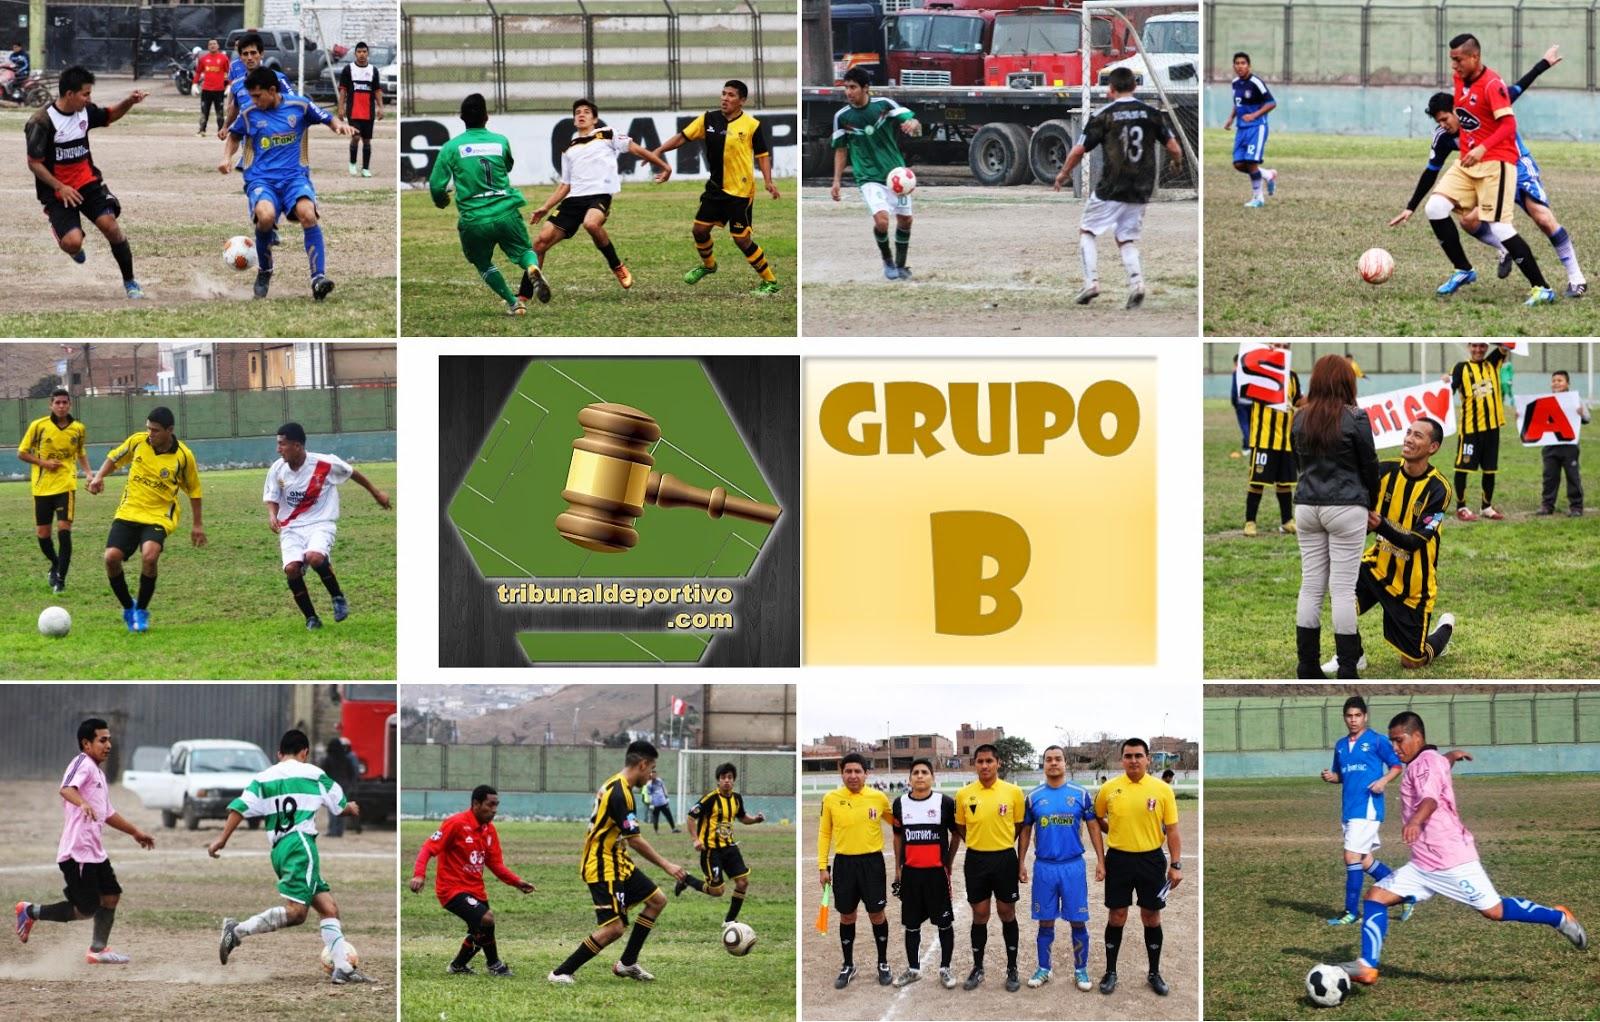 http://tribunal-deportivo.blogspot.com/2014/09/departamental-callao-grupo-b-fecha-1.html